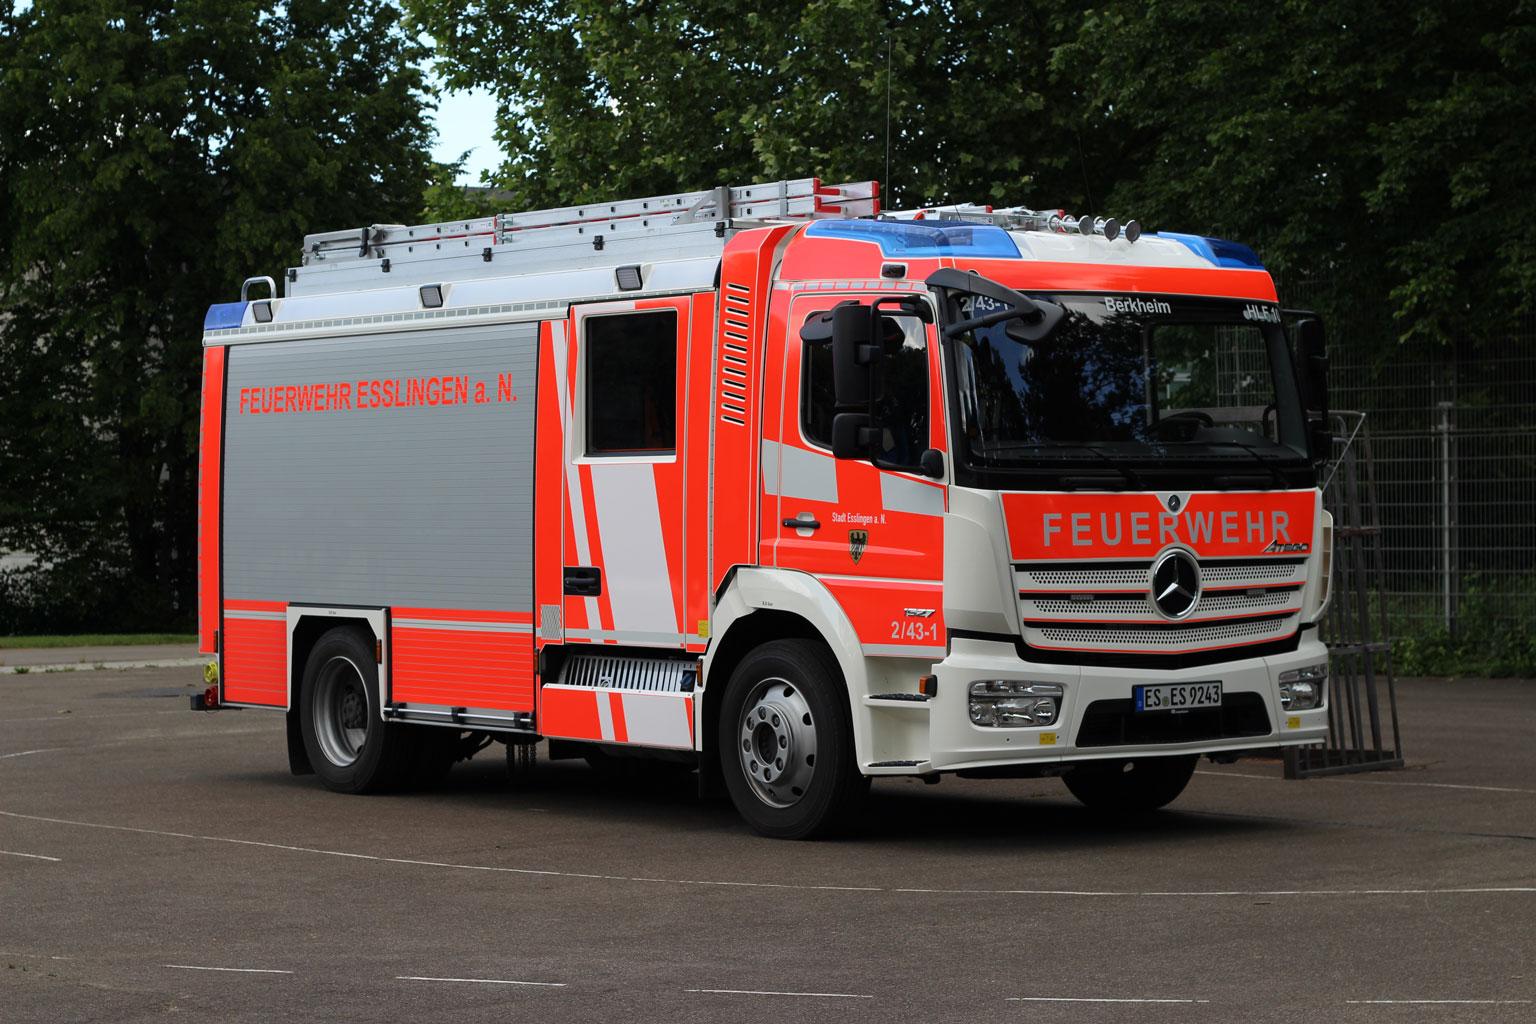 Hilfeleistungslöschgruppen-<br />fahrzeug HLF10